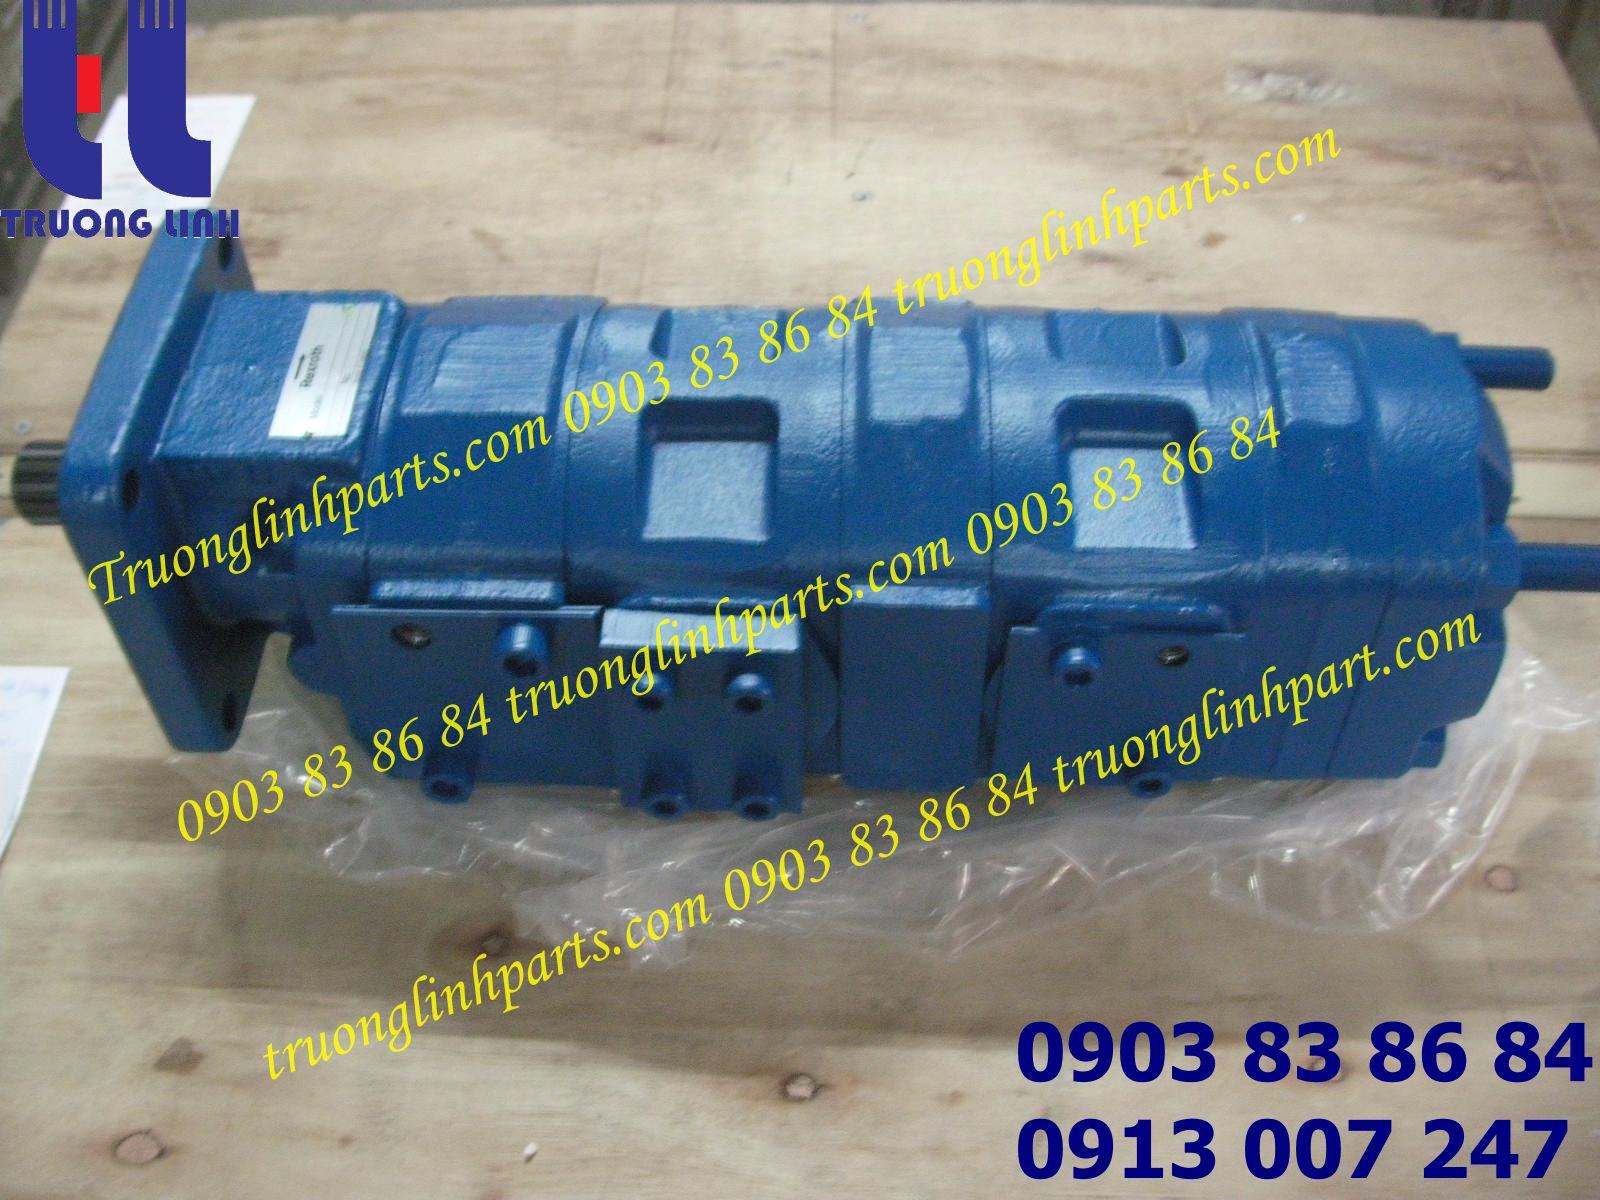 phụ tùng xe cẩu TADANO - cung cấp phụ tùng chính hãng, bơm thủy lực chính hãng.